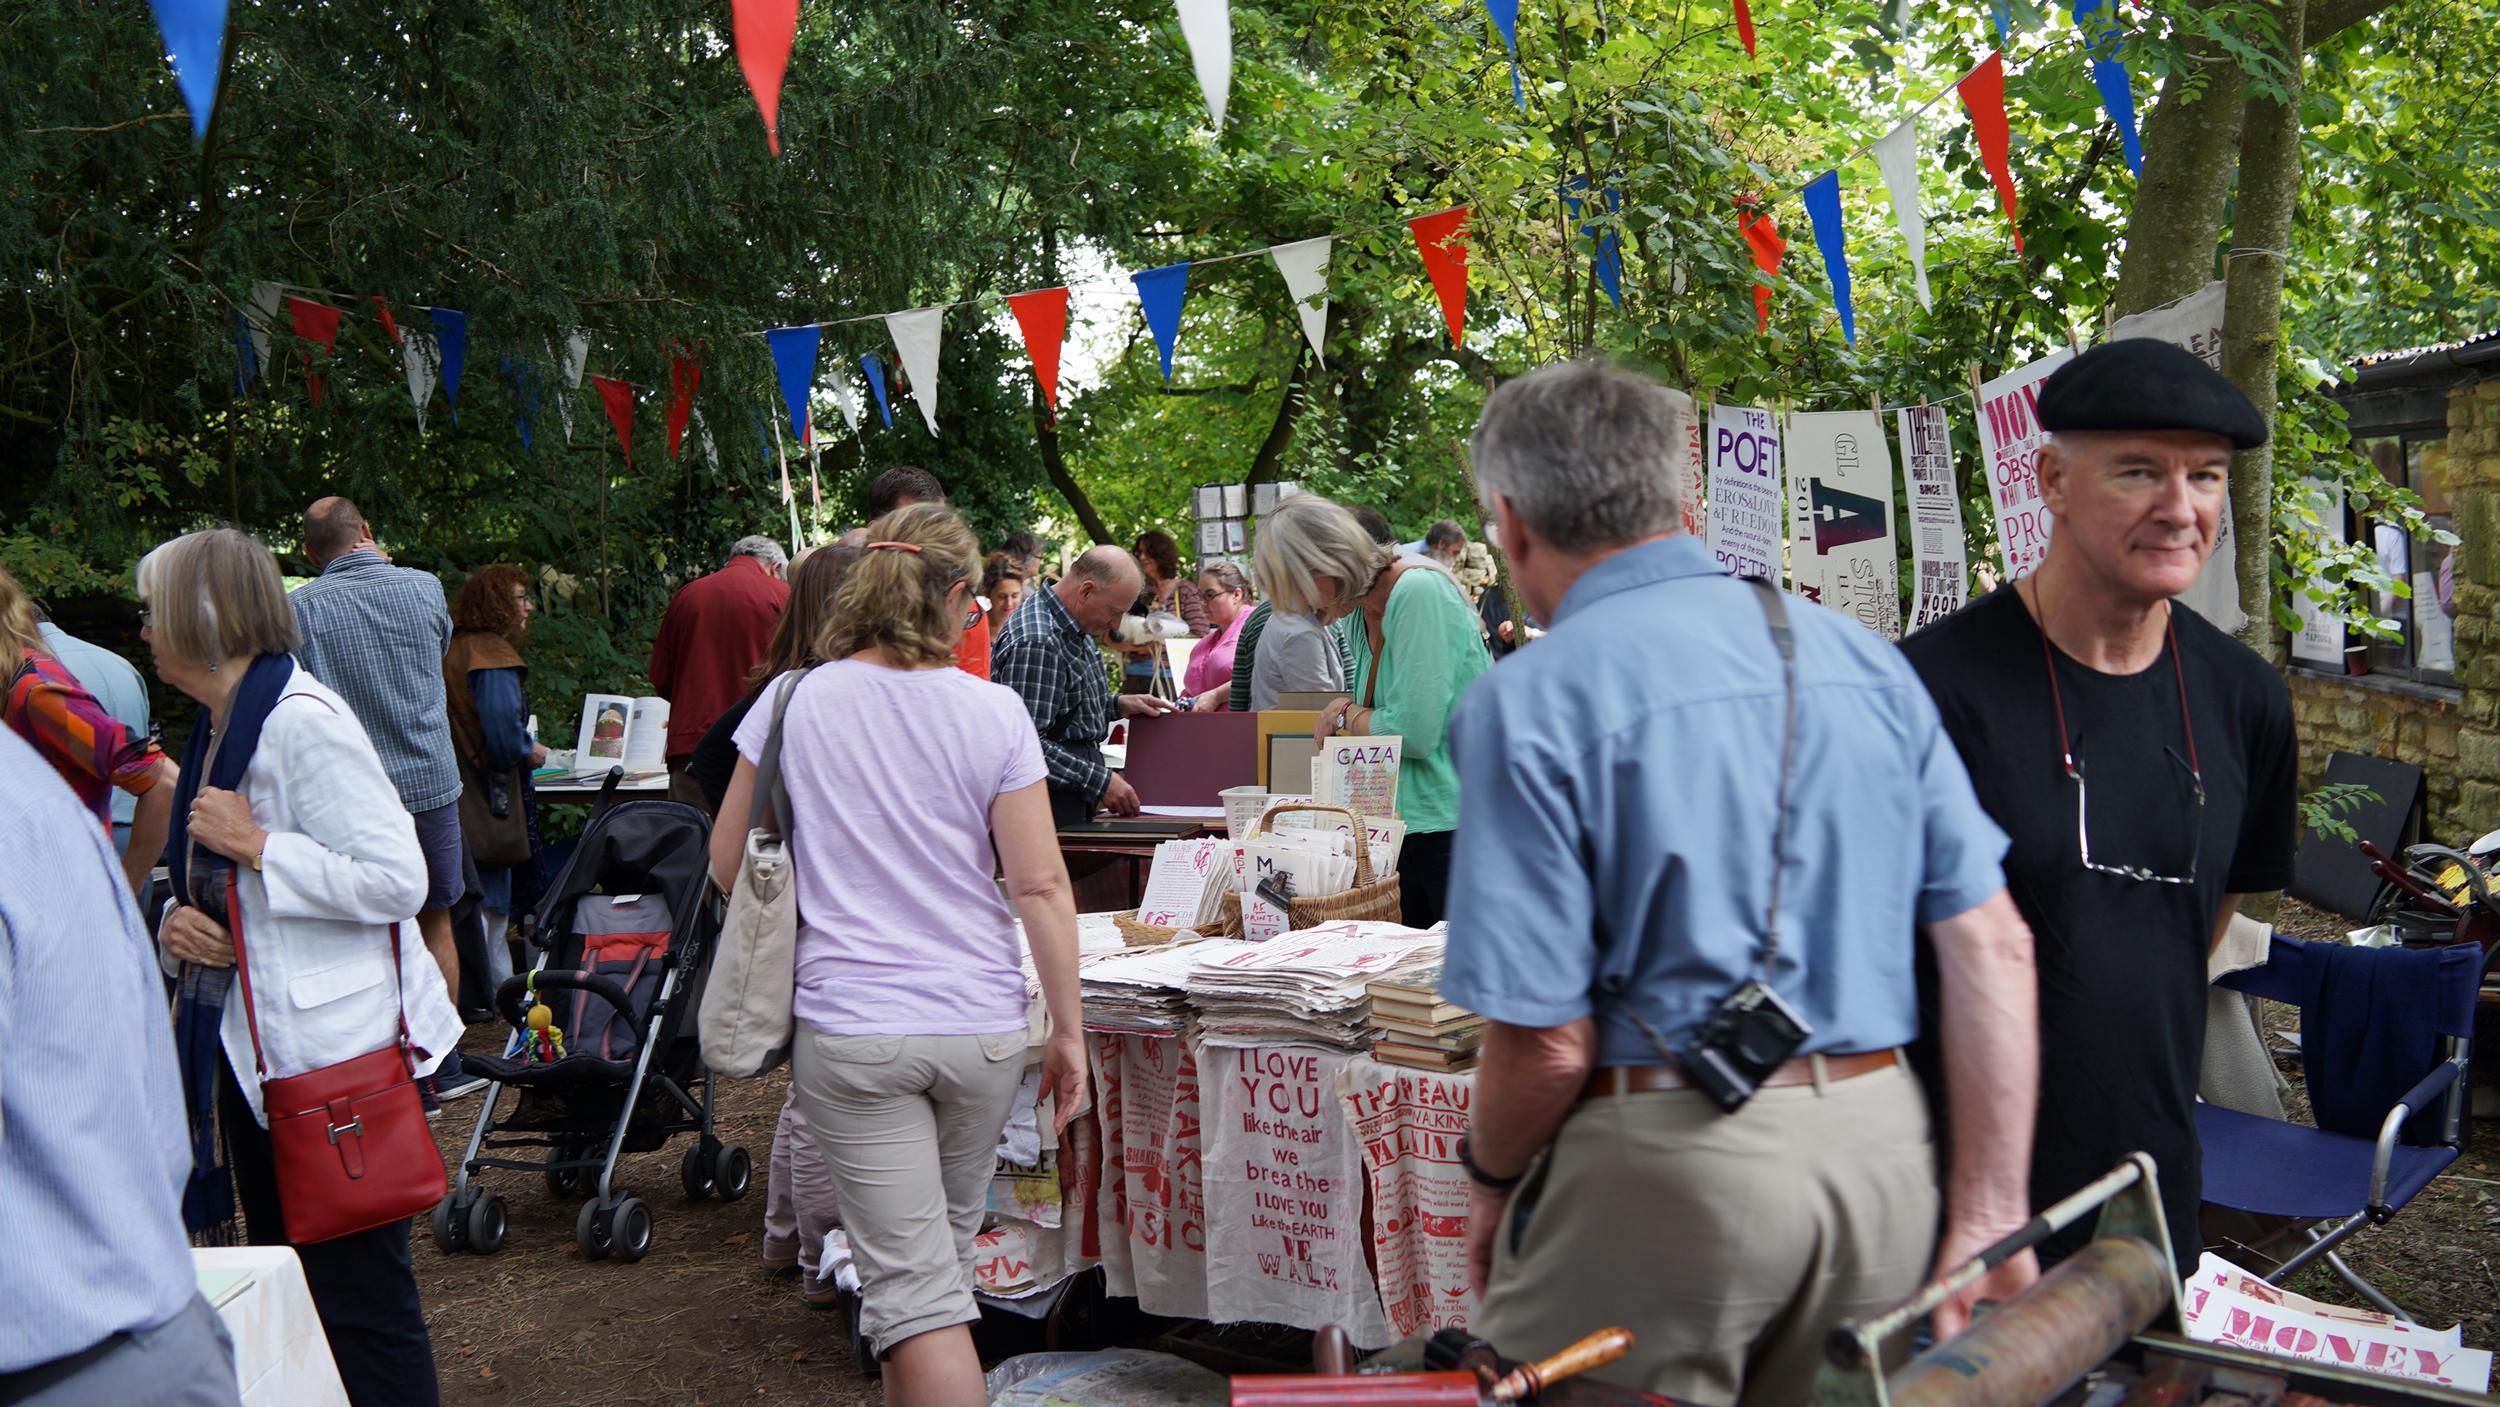 Whittington Press open day – Presstival 2014